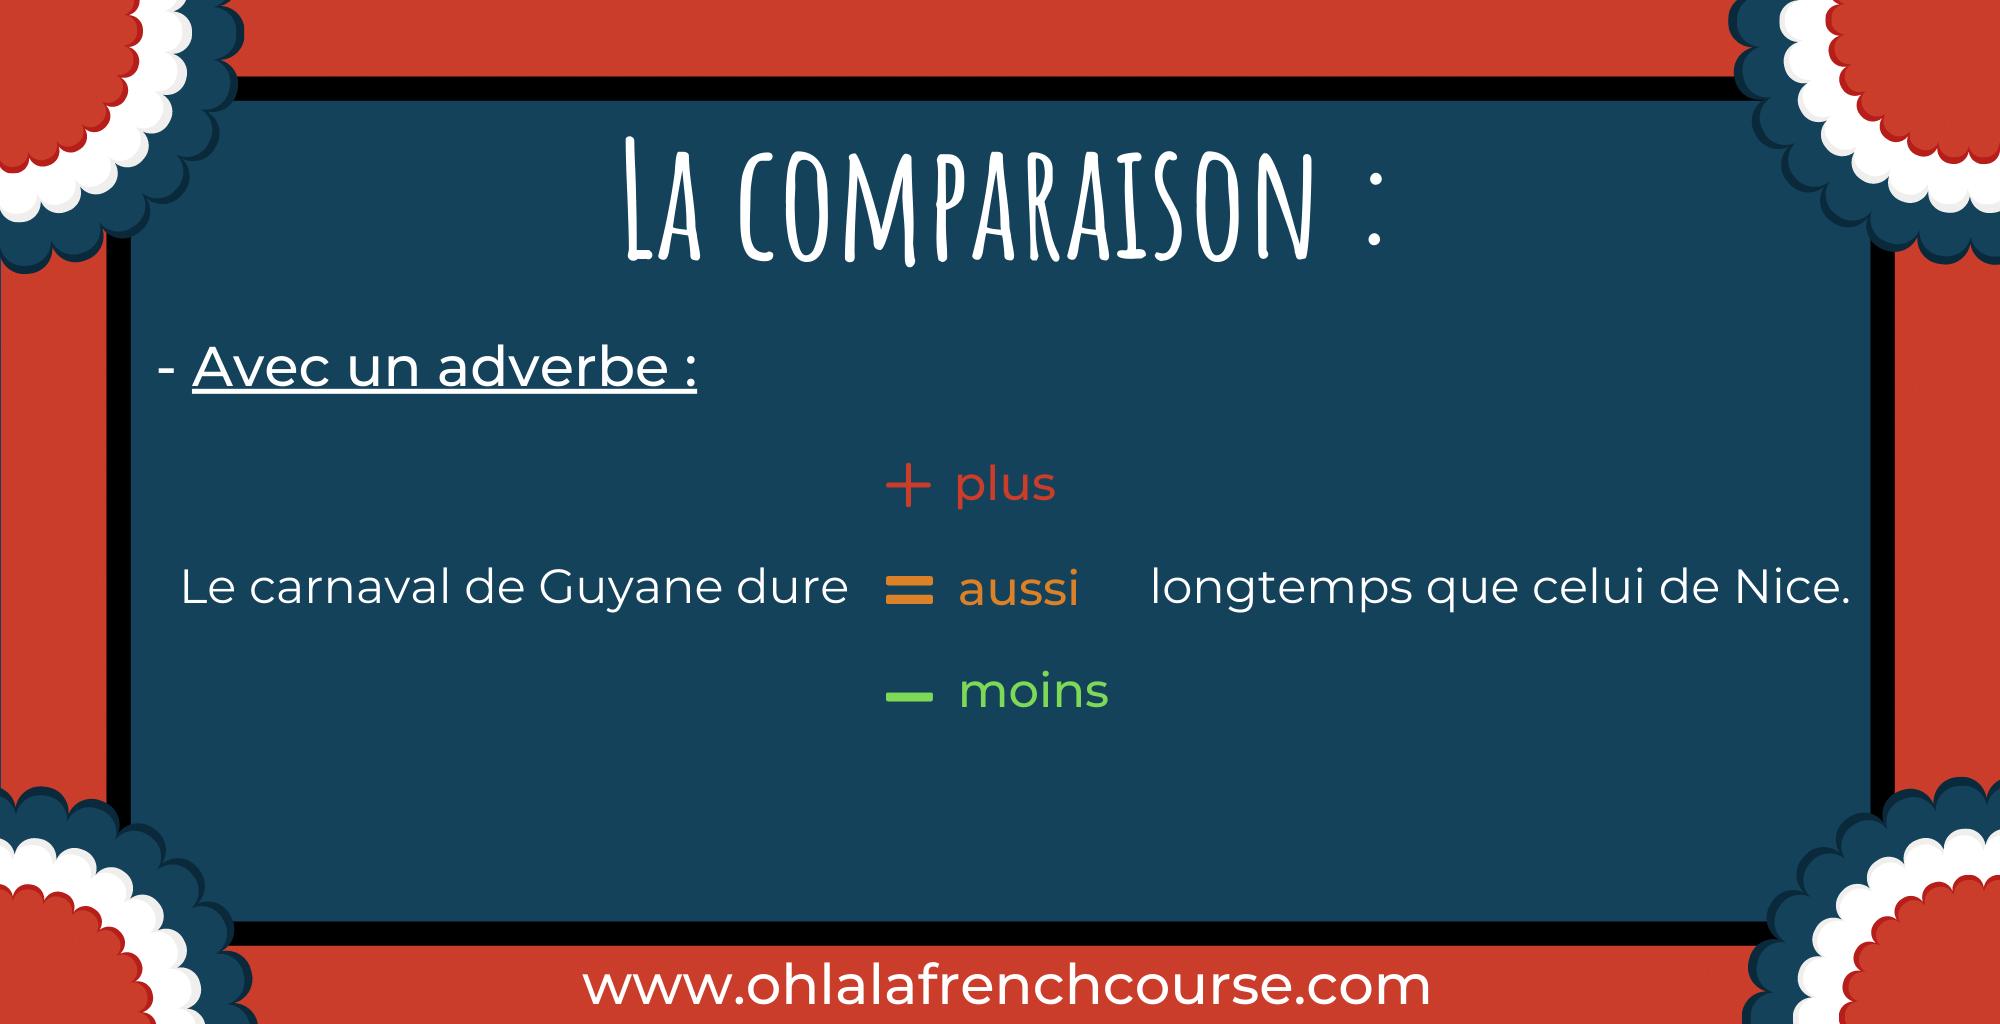 Le comparatif - La comparaison avec un adverbe